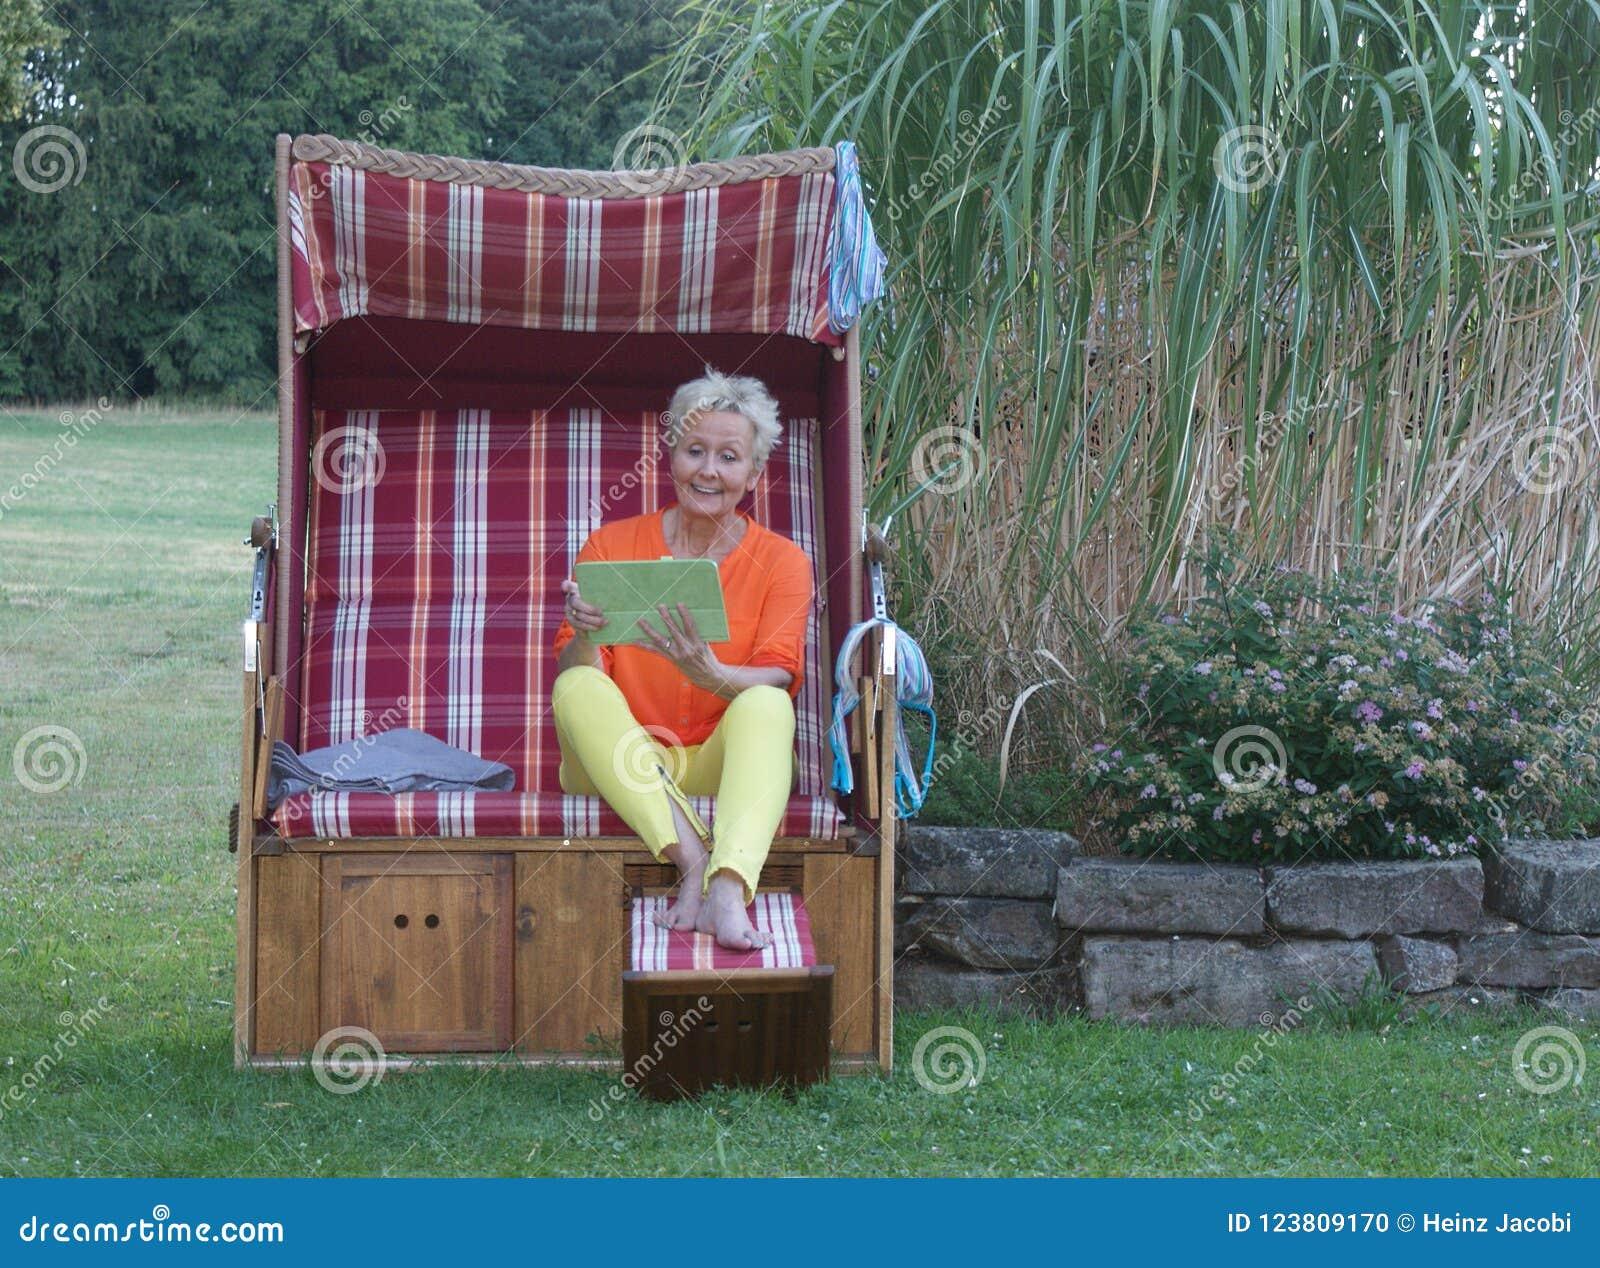 Även i en taklagd vide- strandstol, är den attraktiva kvinnan med minnestavlan alltid aktuell